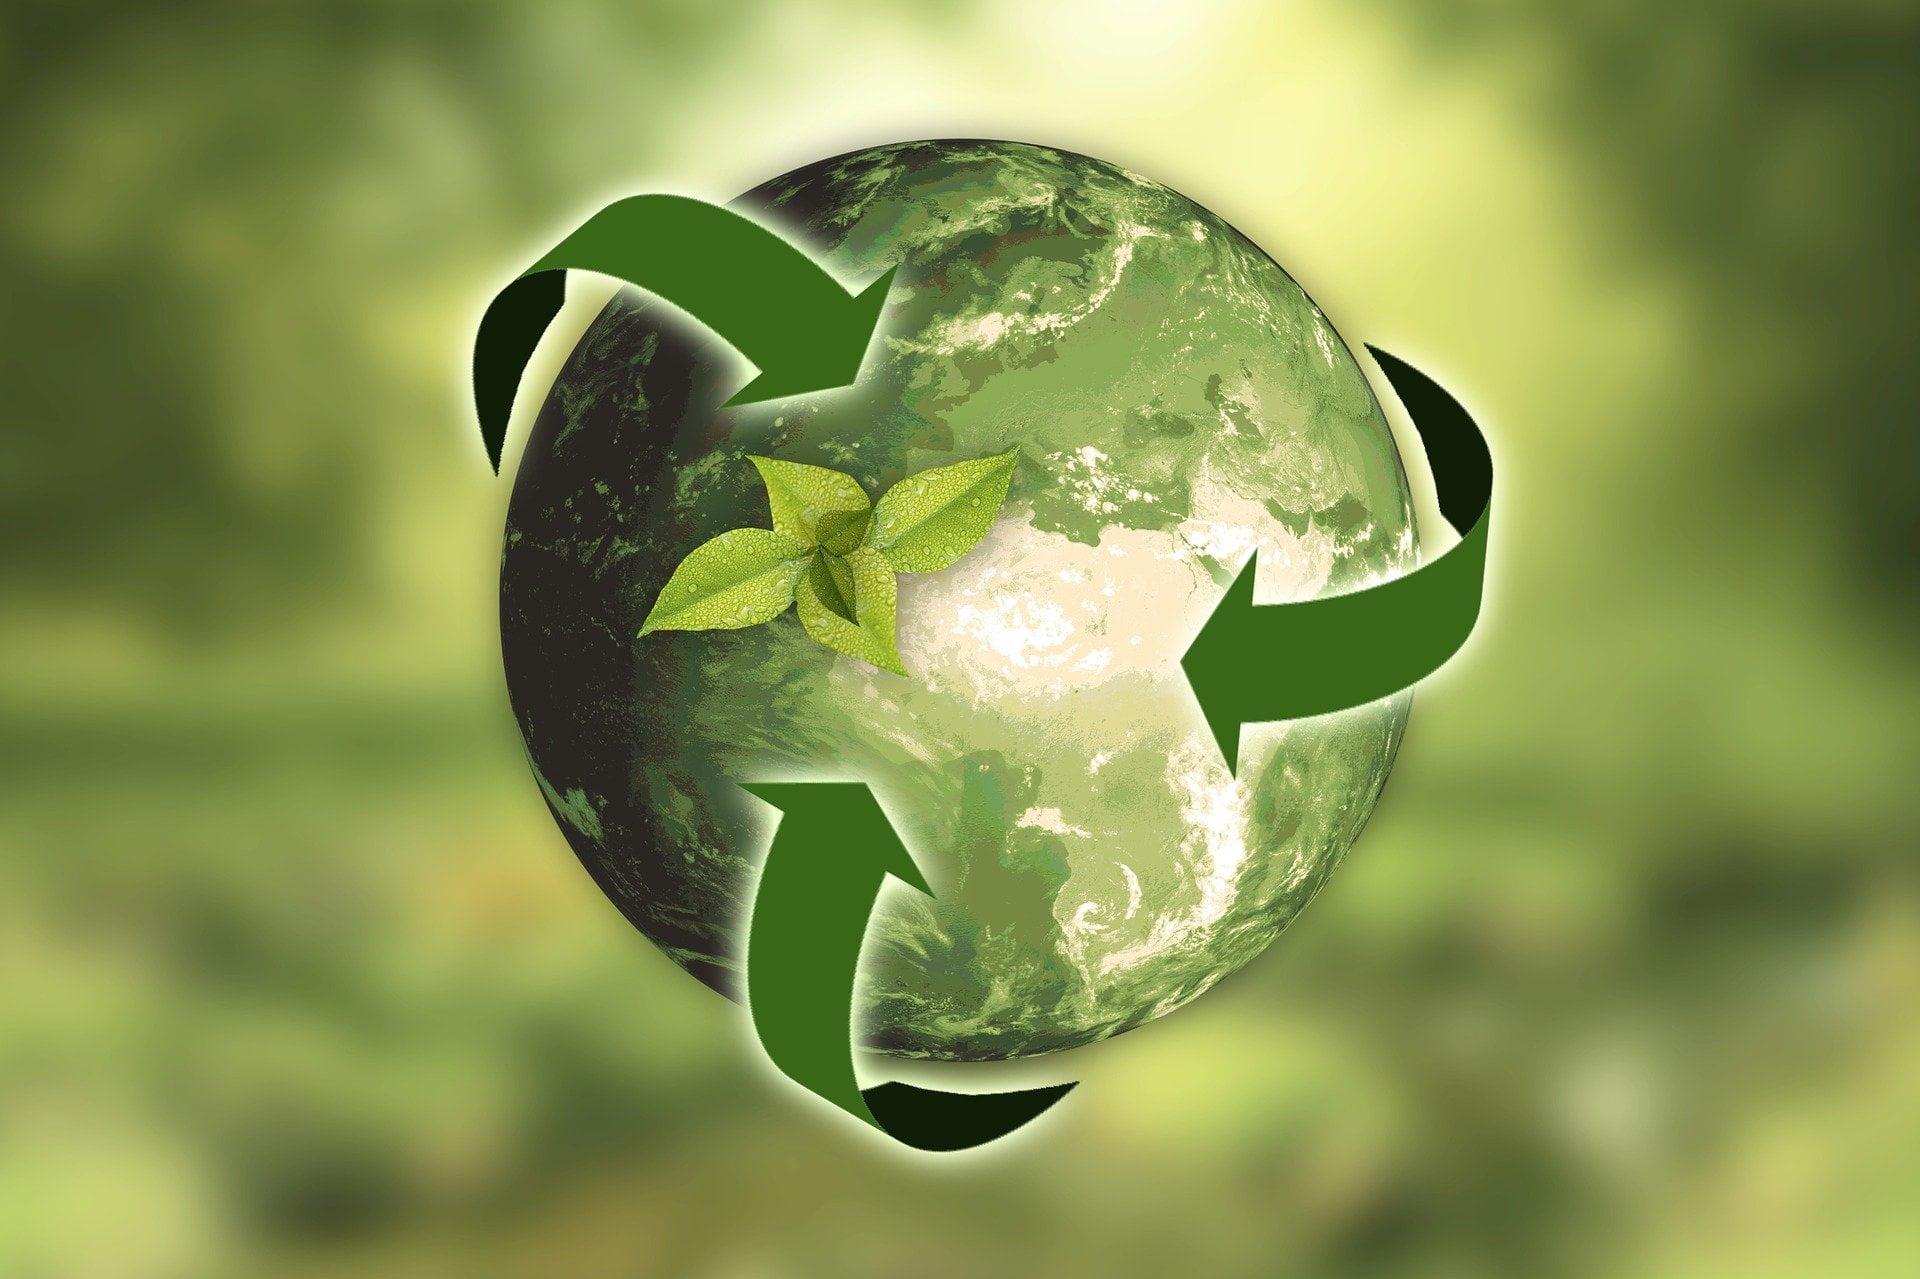 Deux roues électriques : les avantages écologiques